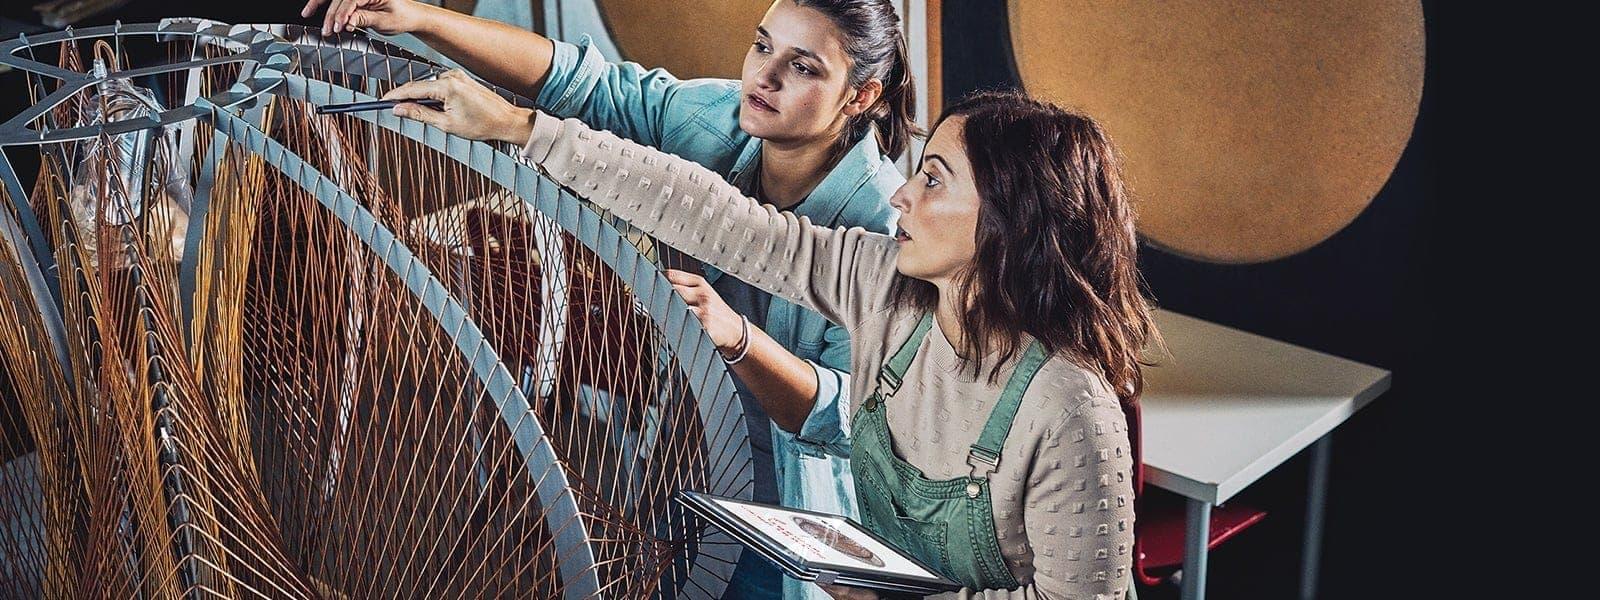 Zwei Frauen entwerfen an einem Dell-Gerät mithilfe des digitalen Stifts eine Struktur.